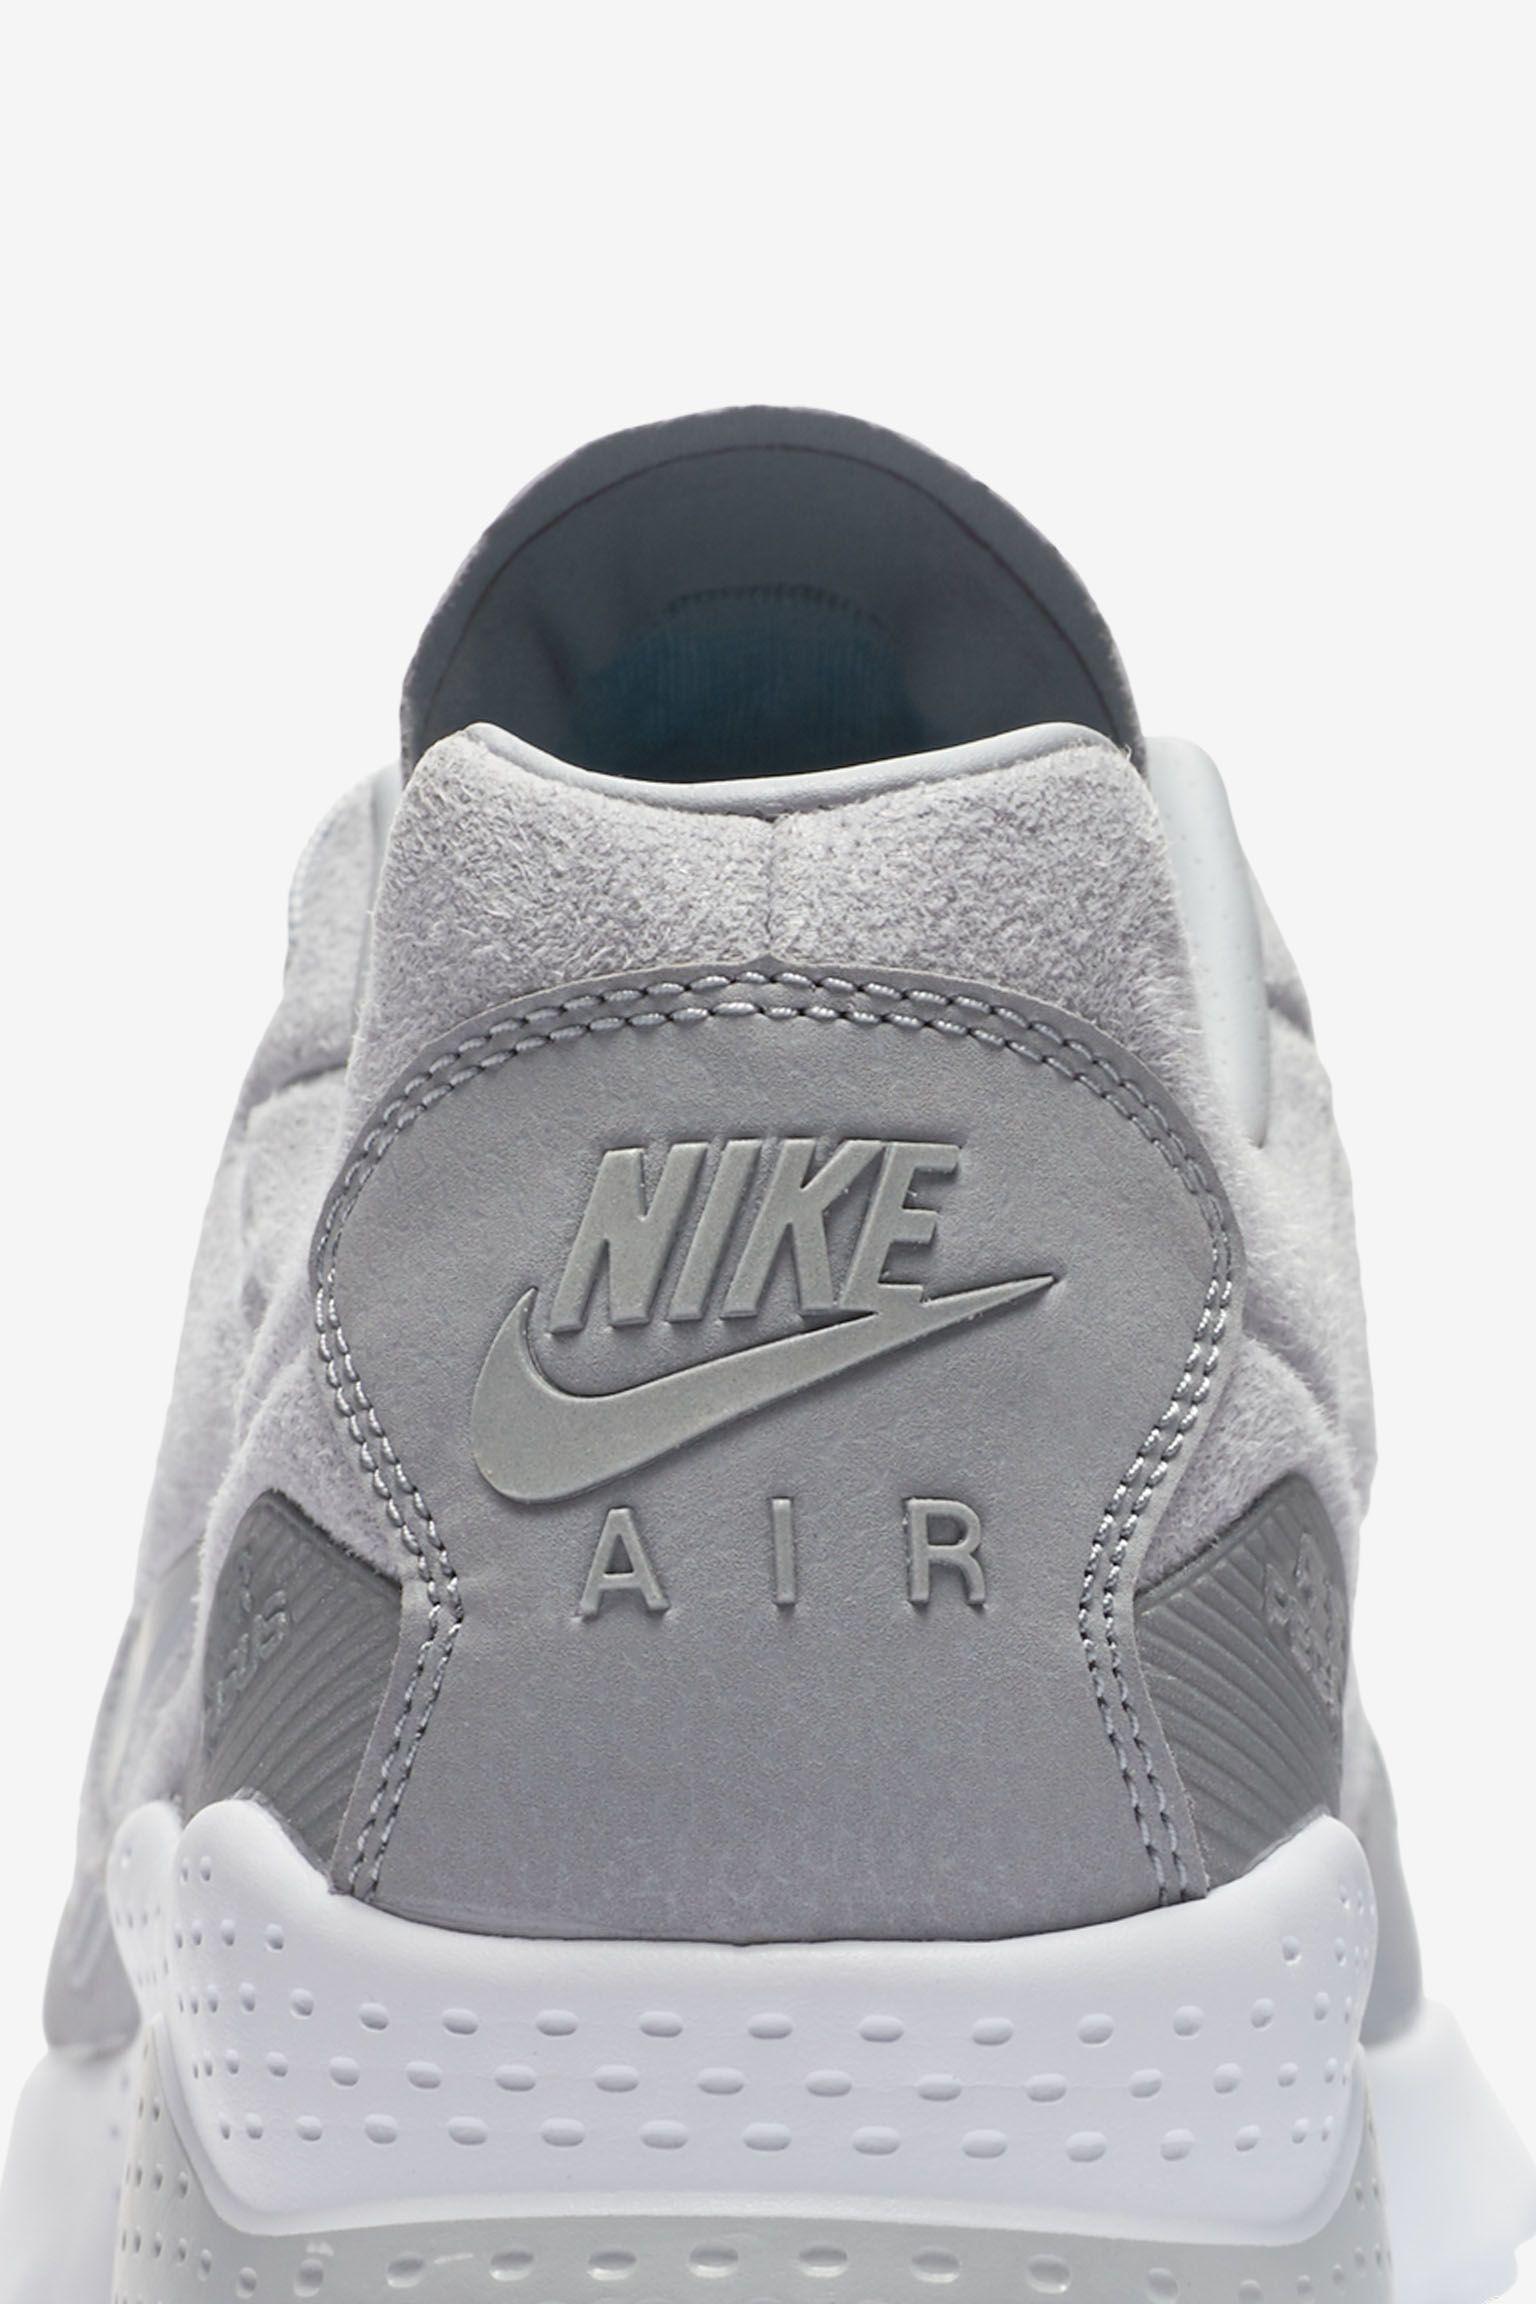 Nike Air Zoom Pegasus 92 'Natural Grey & White'